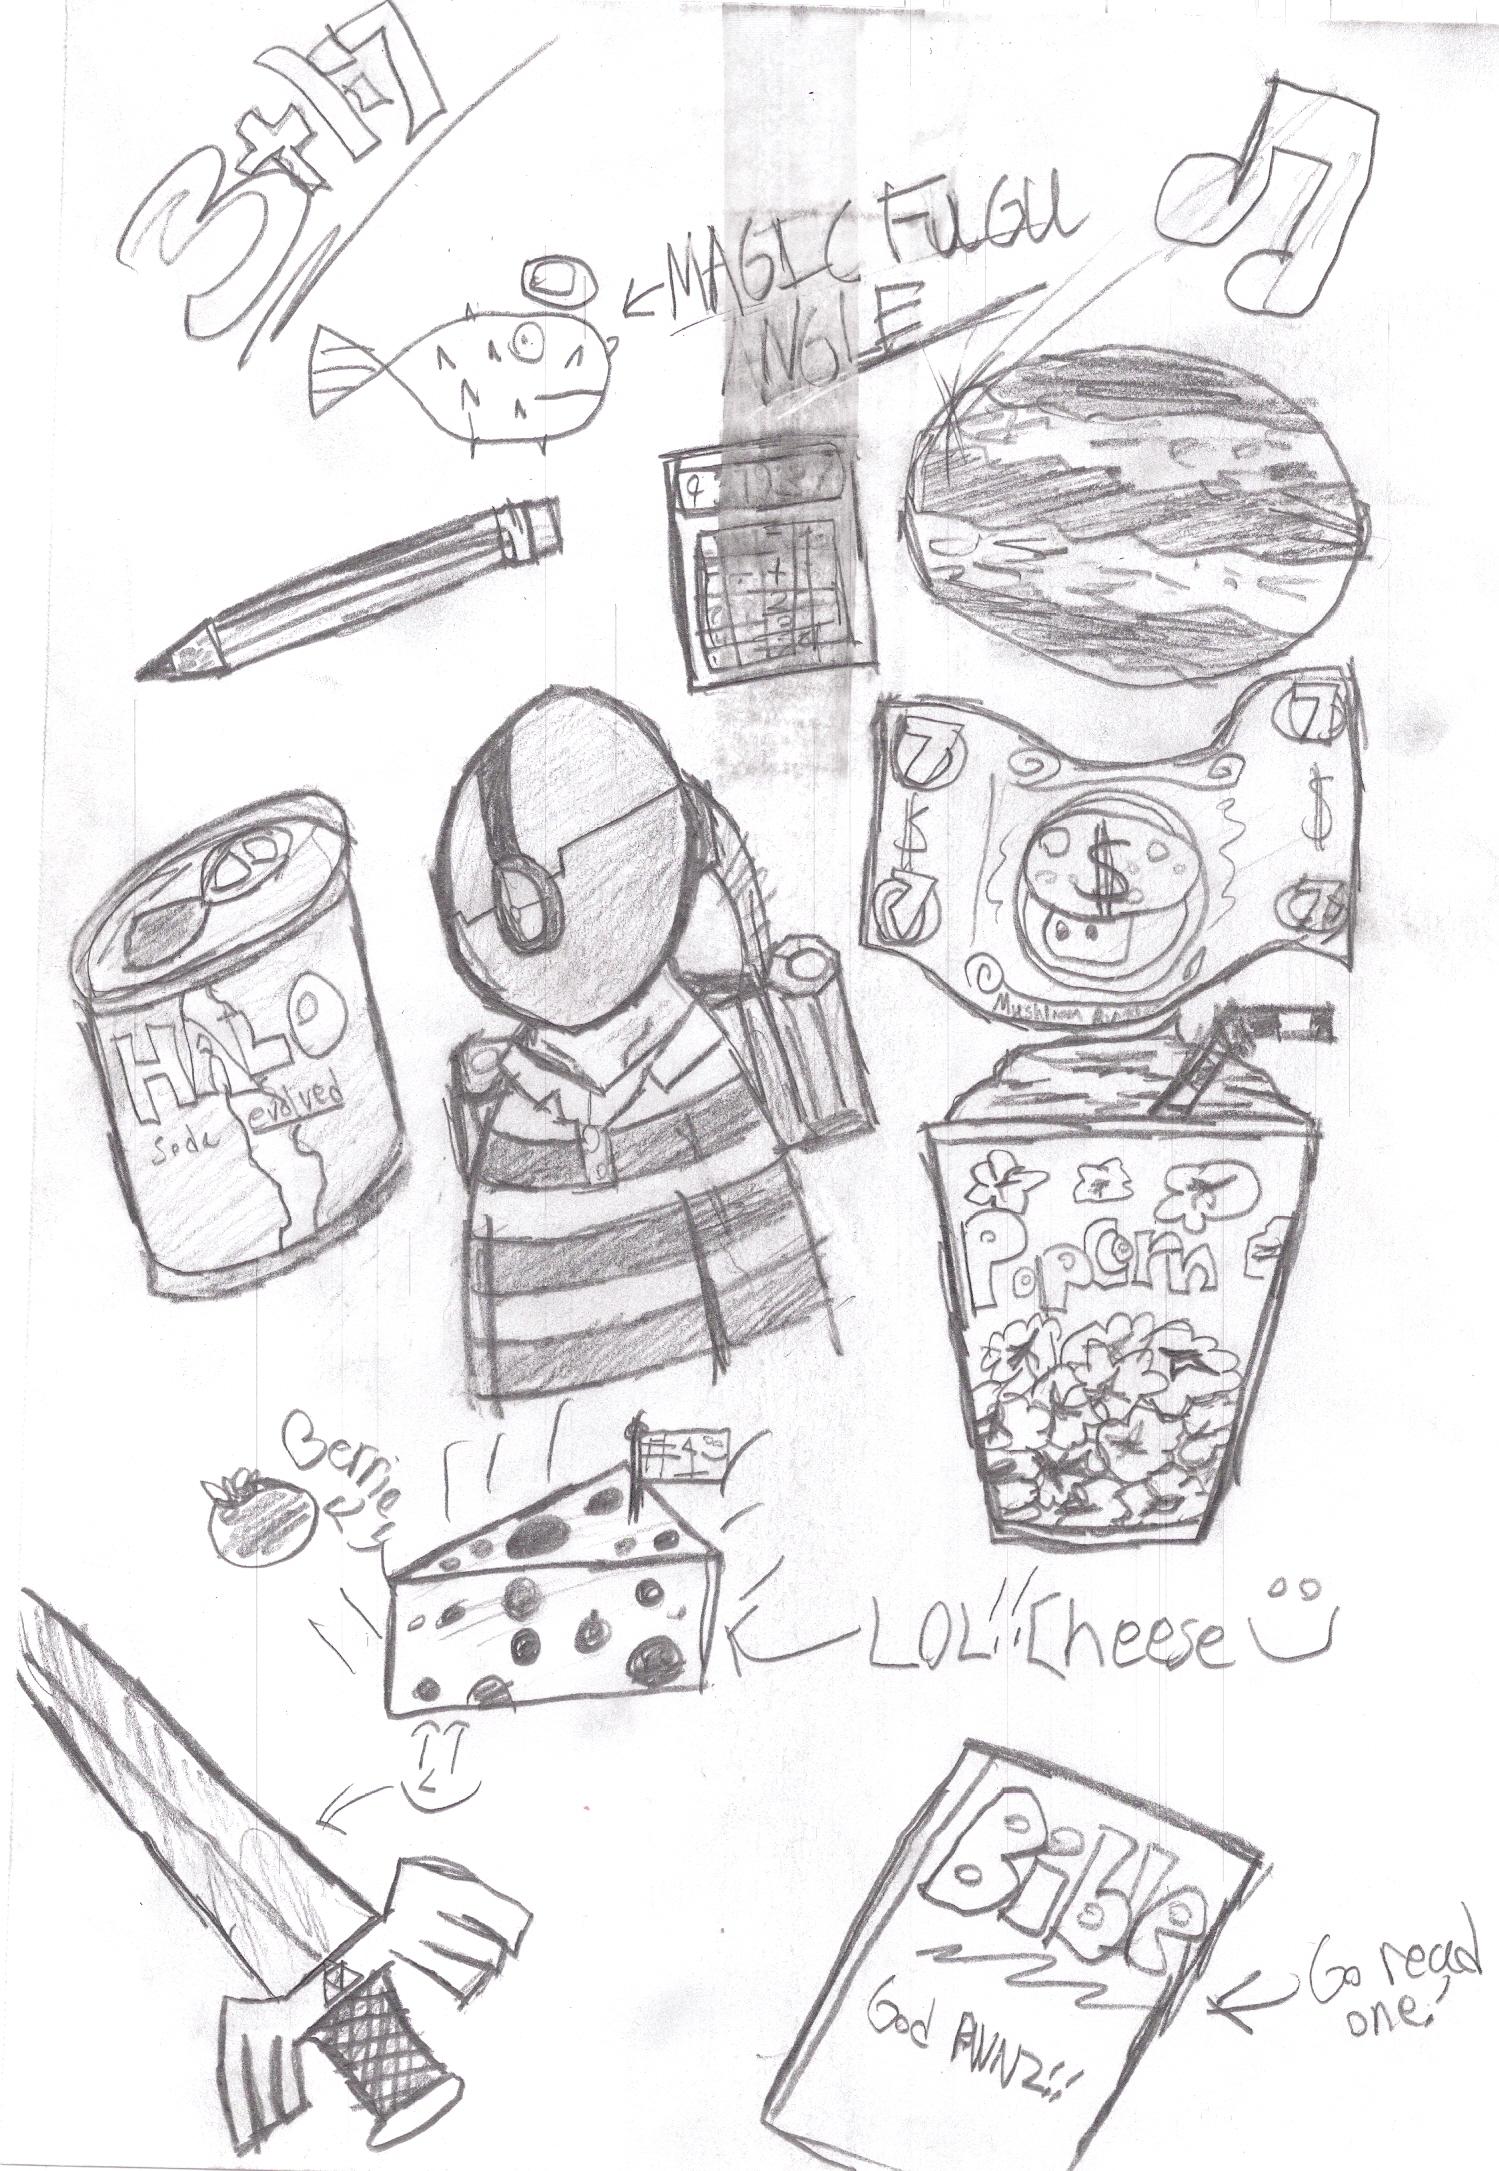 ramdom doodles